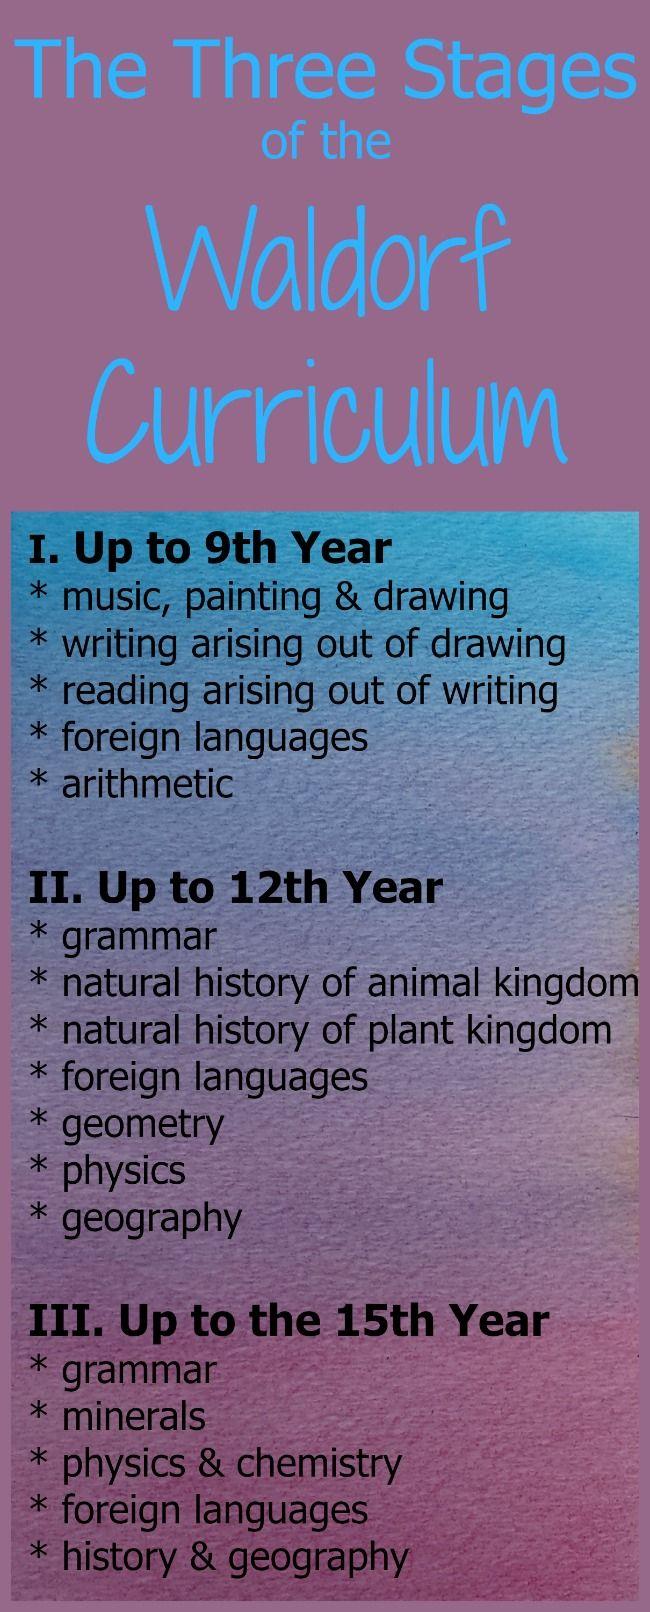 3 Stages of the Waldorf Curriculum. Las 3 etapas de la pedagogía Waldorf. En vez de categorizar por cursos se deja un periodo más amplio para cada aprendizaje.